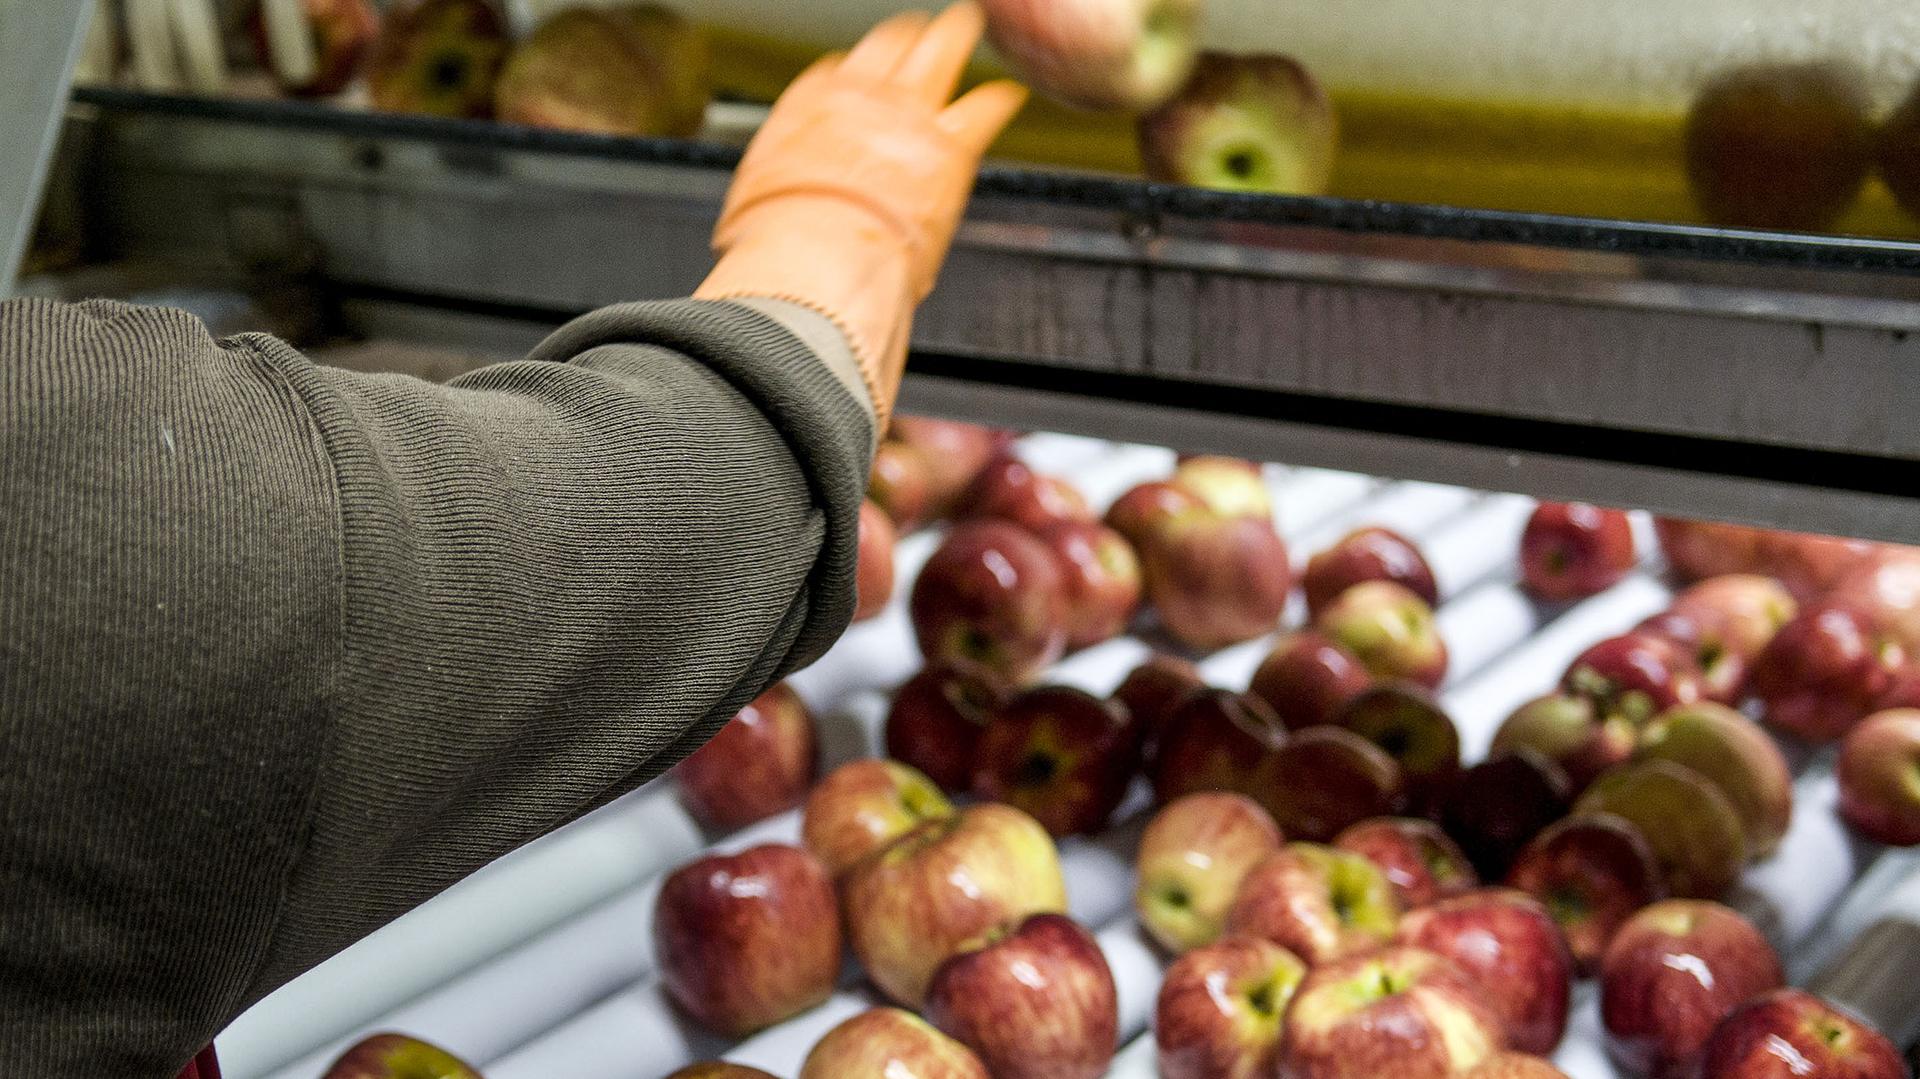 La producción de manzanas y peras se concentra en el Alto Valle de Río Negro. (NA)